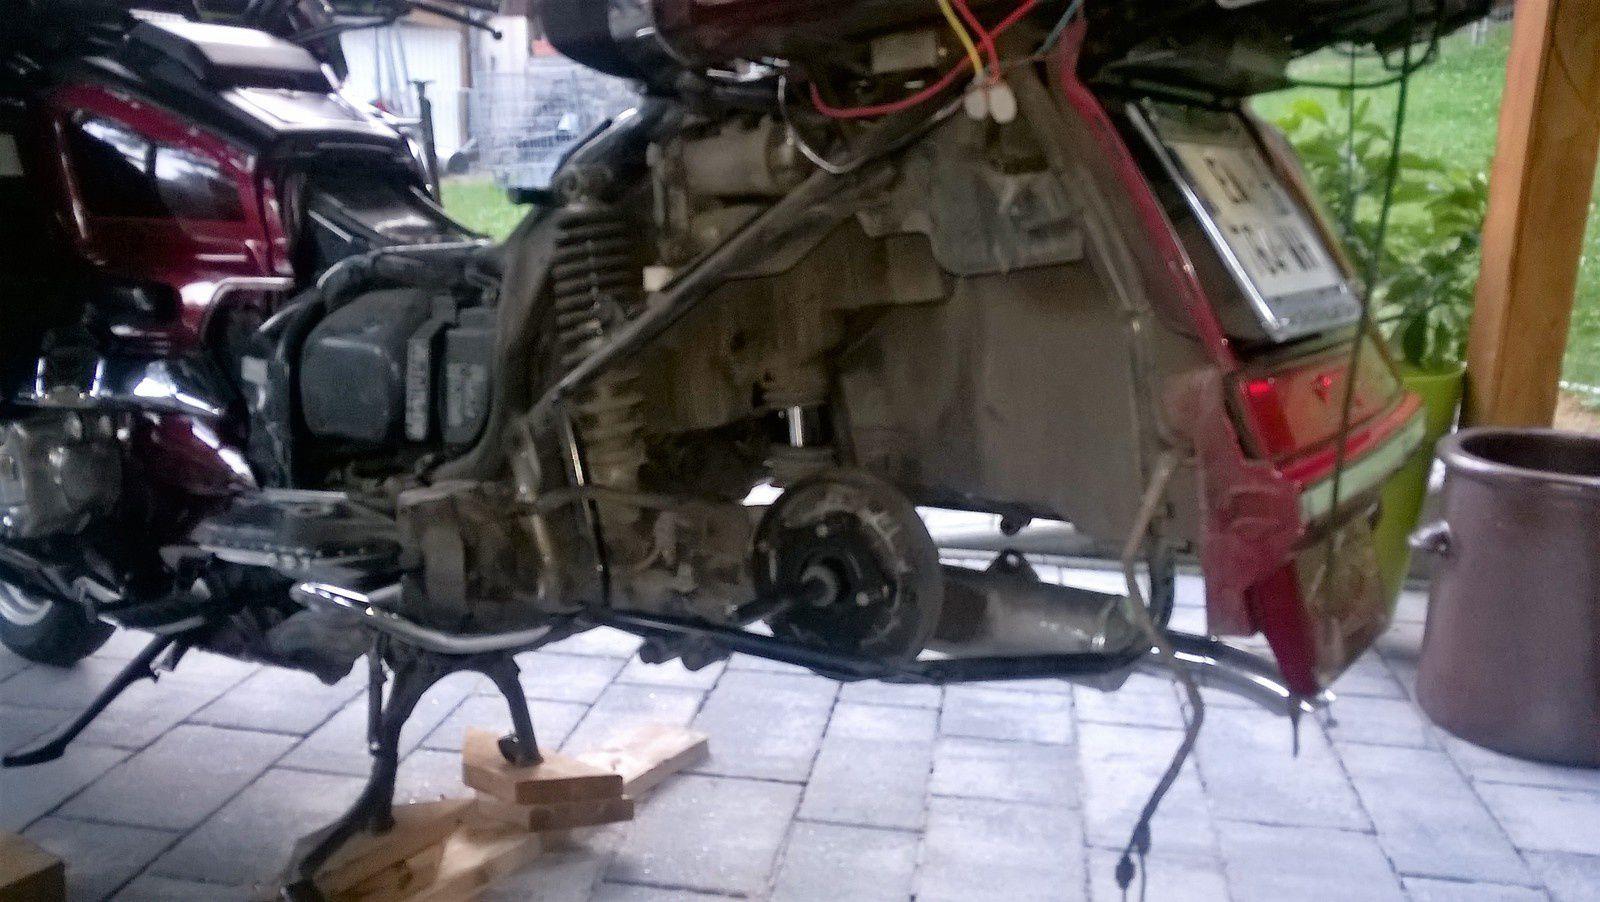 Goldwing 1500 - Fourches réparées et huile et joints spy changés